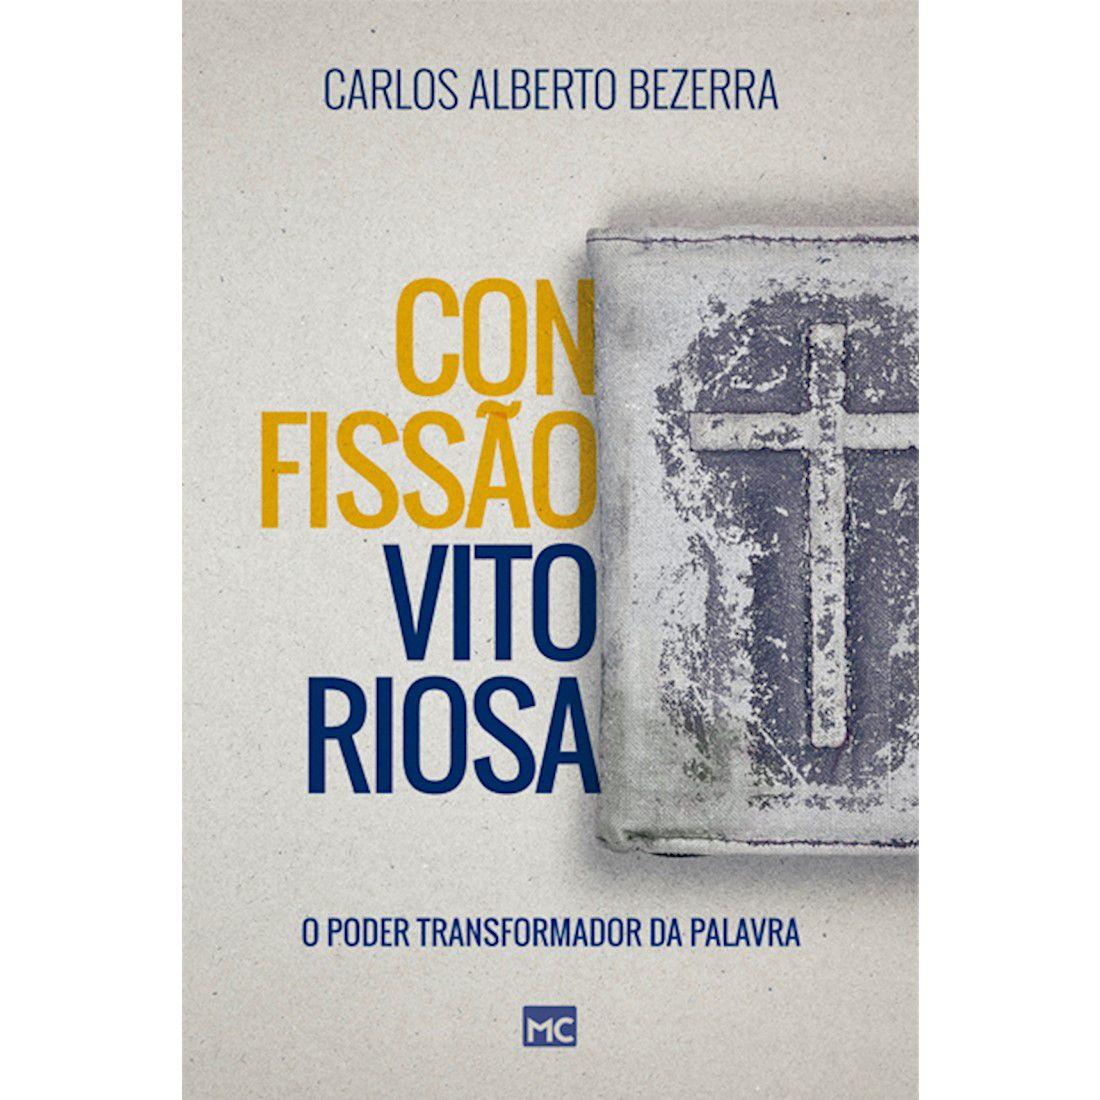 Livro A Confissão Vitoriosa